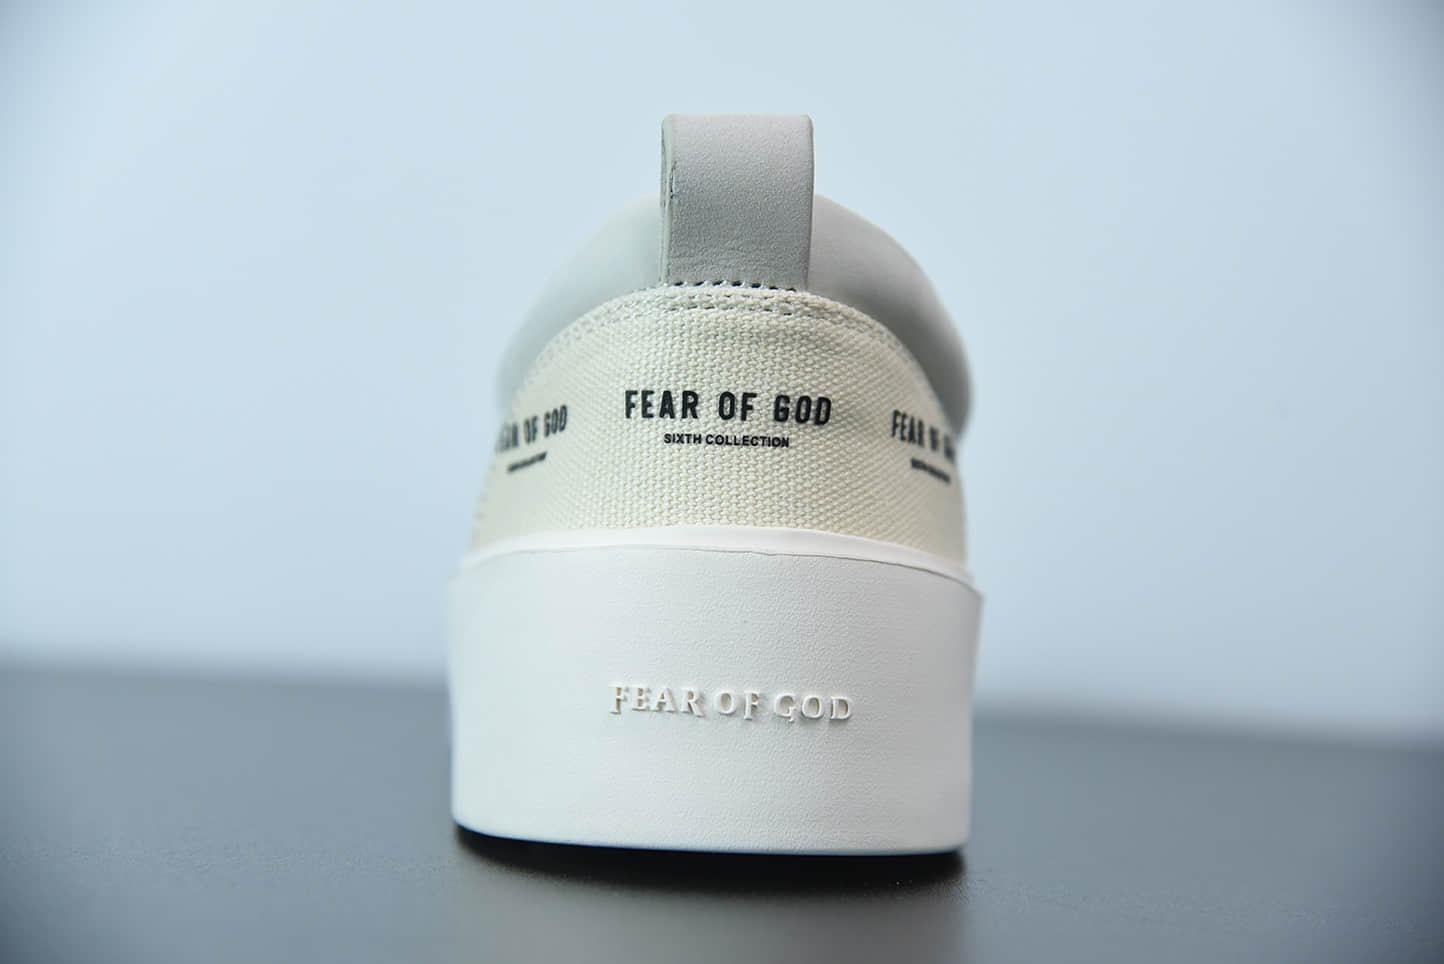 FOG Fear of God 主线101 Lace up 印花logo米白低帮板鞋纯原版本 货号:6H197000SCA